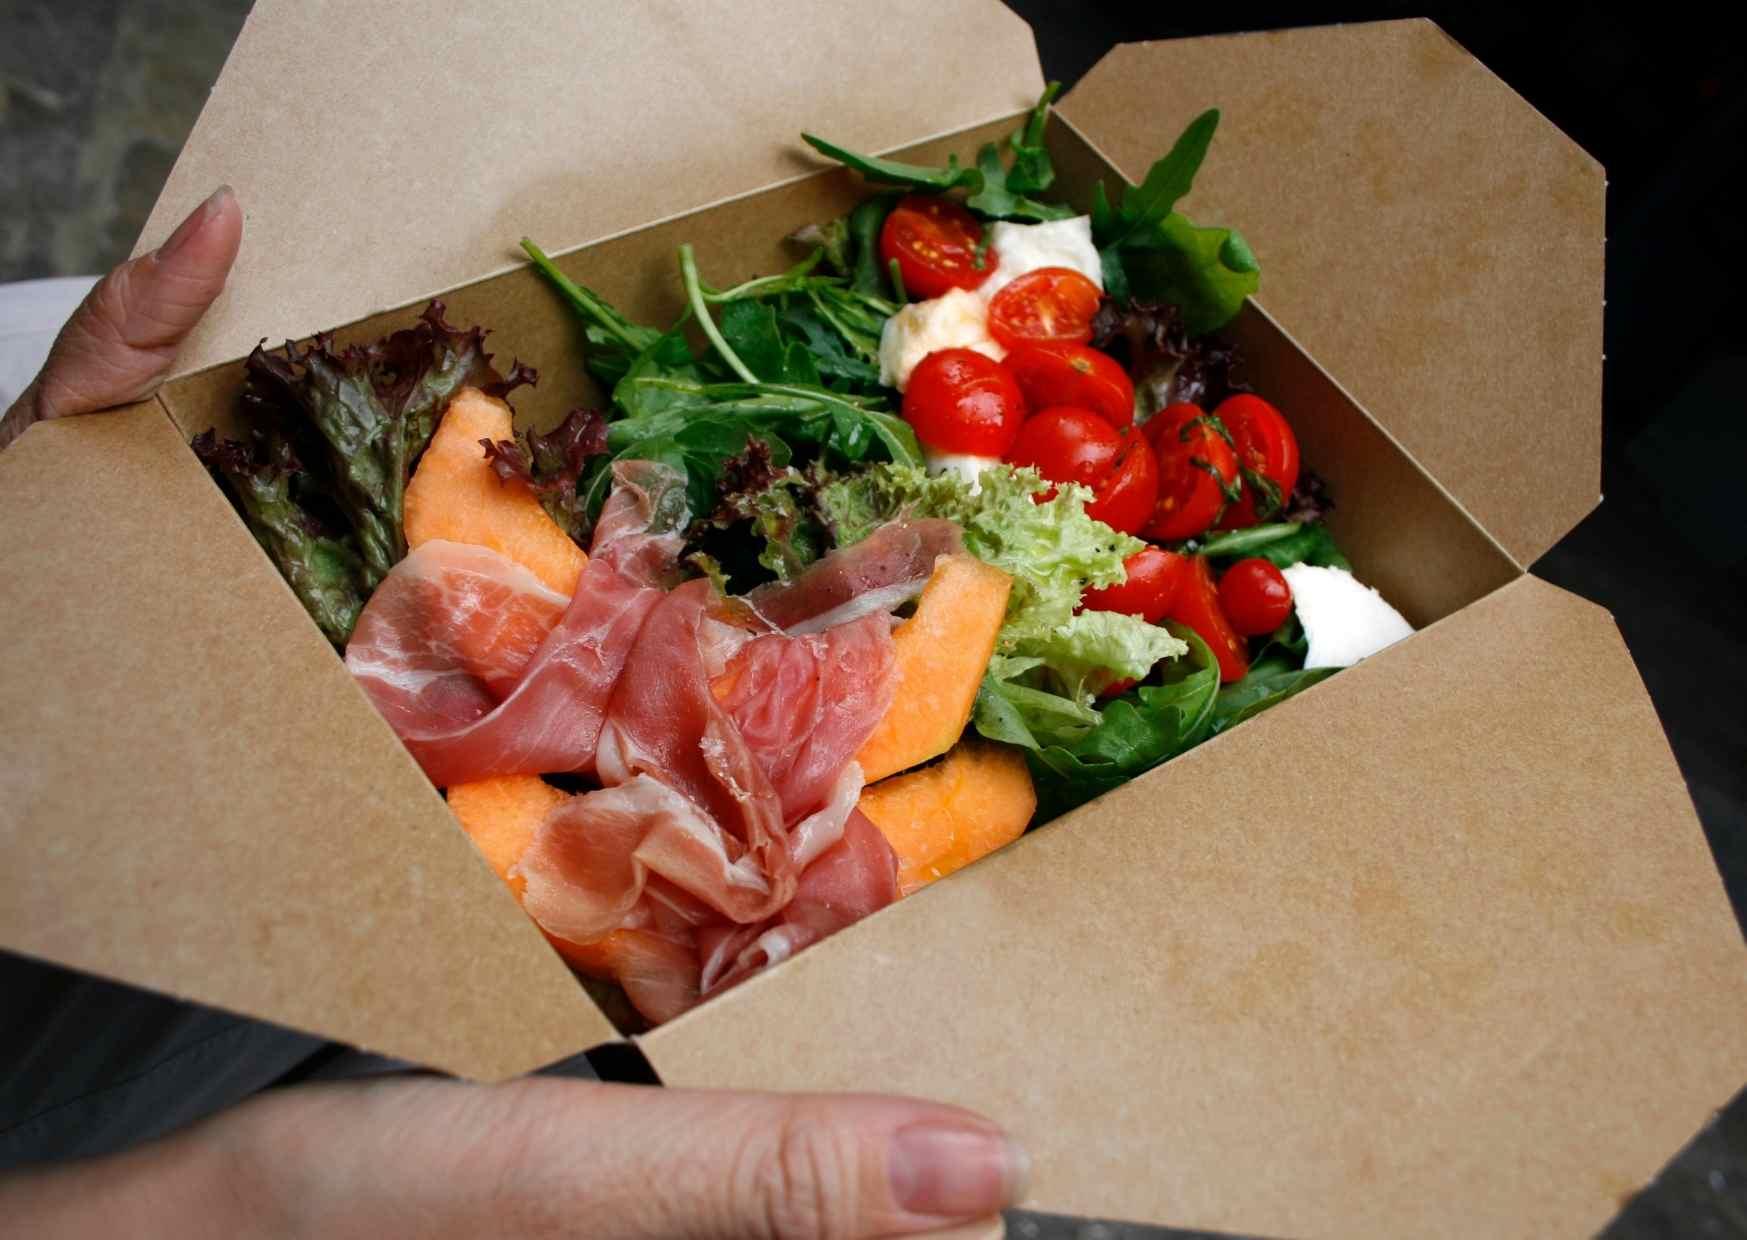 Ételkiszállítás, elvitel: megváltozott fogyasztói igények